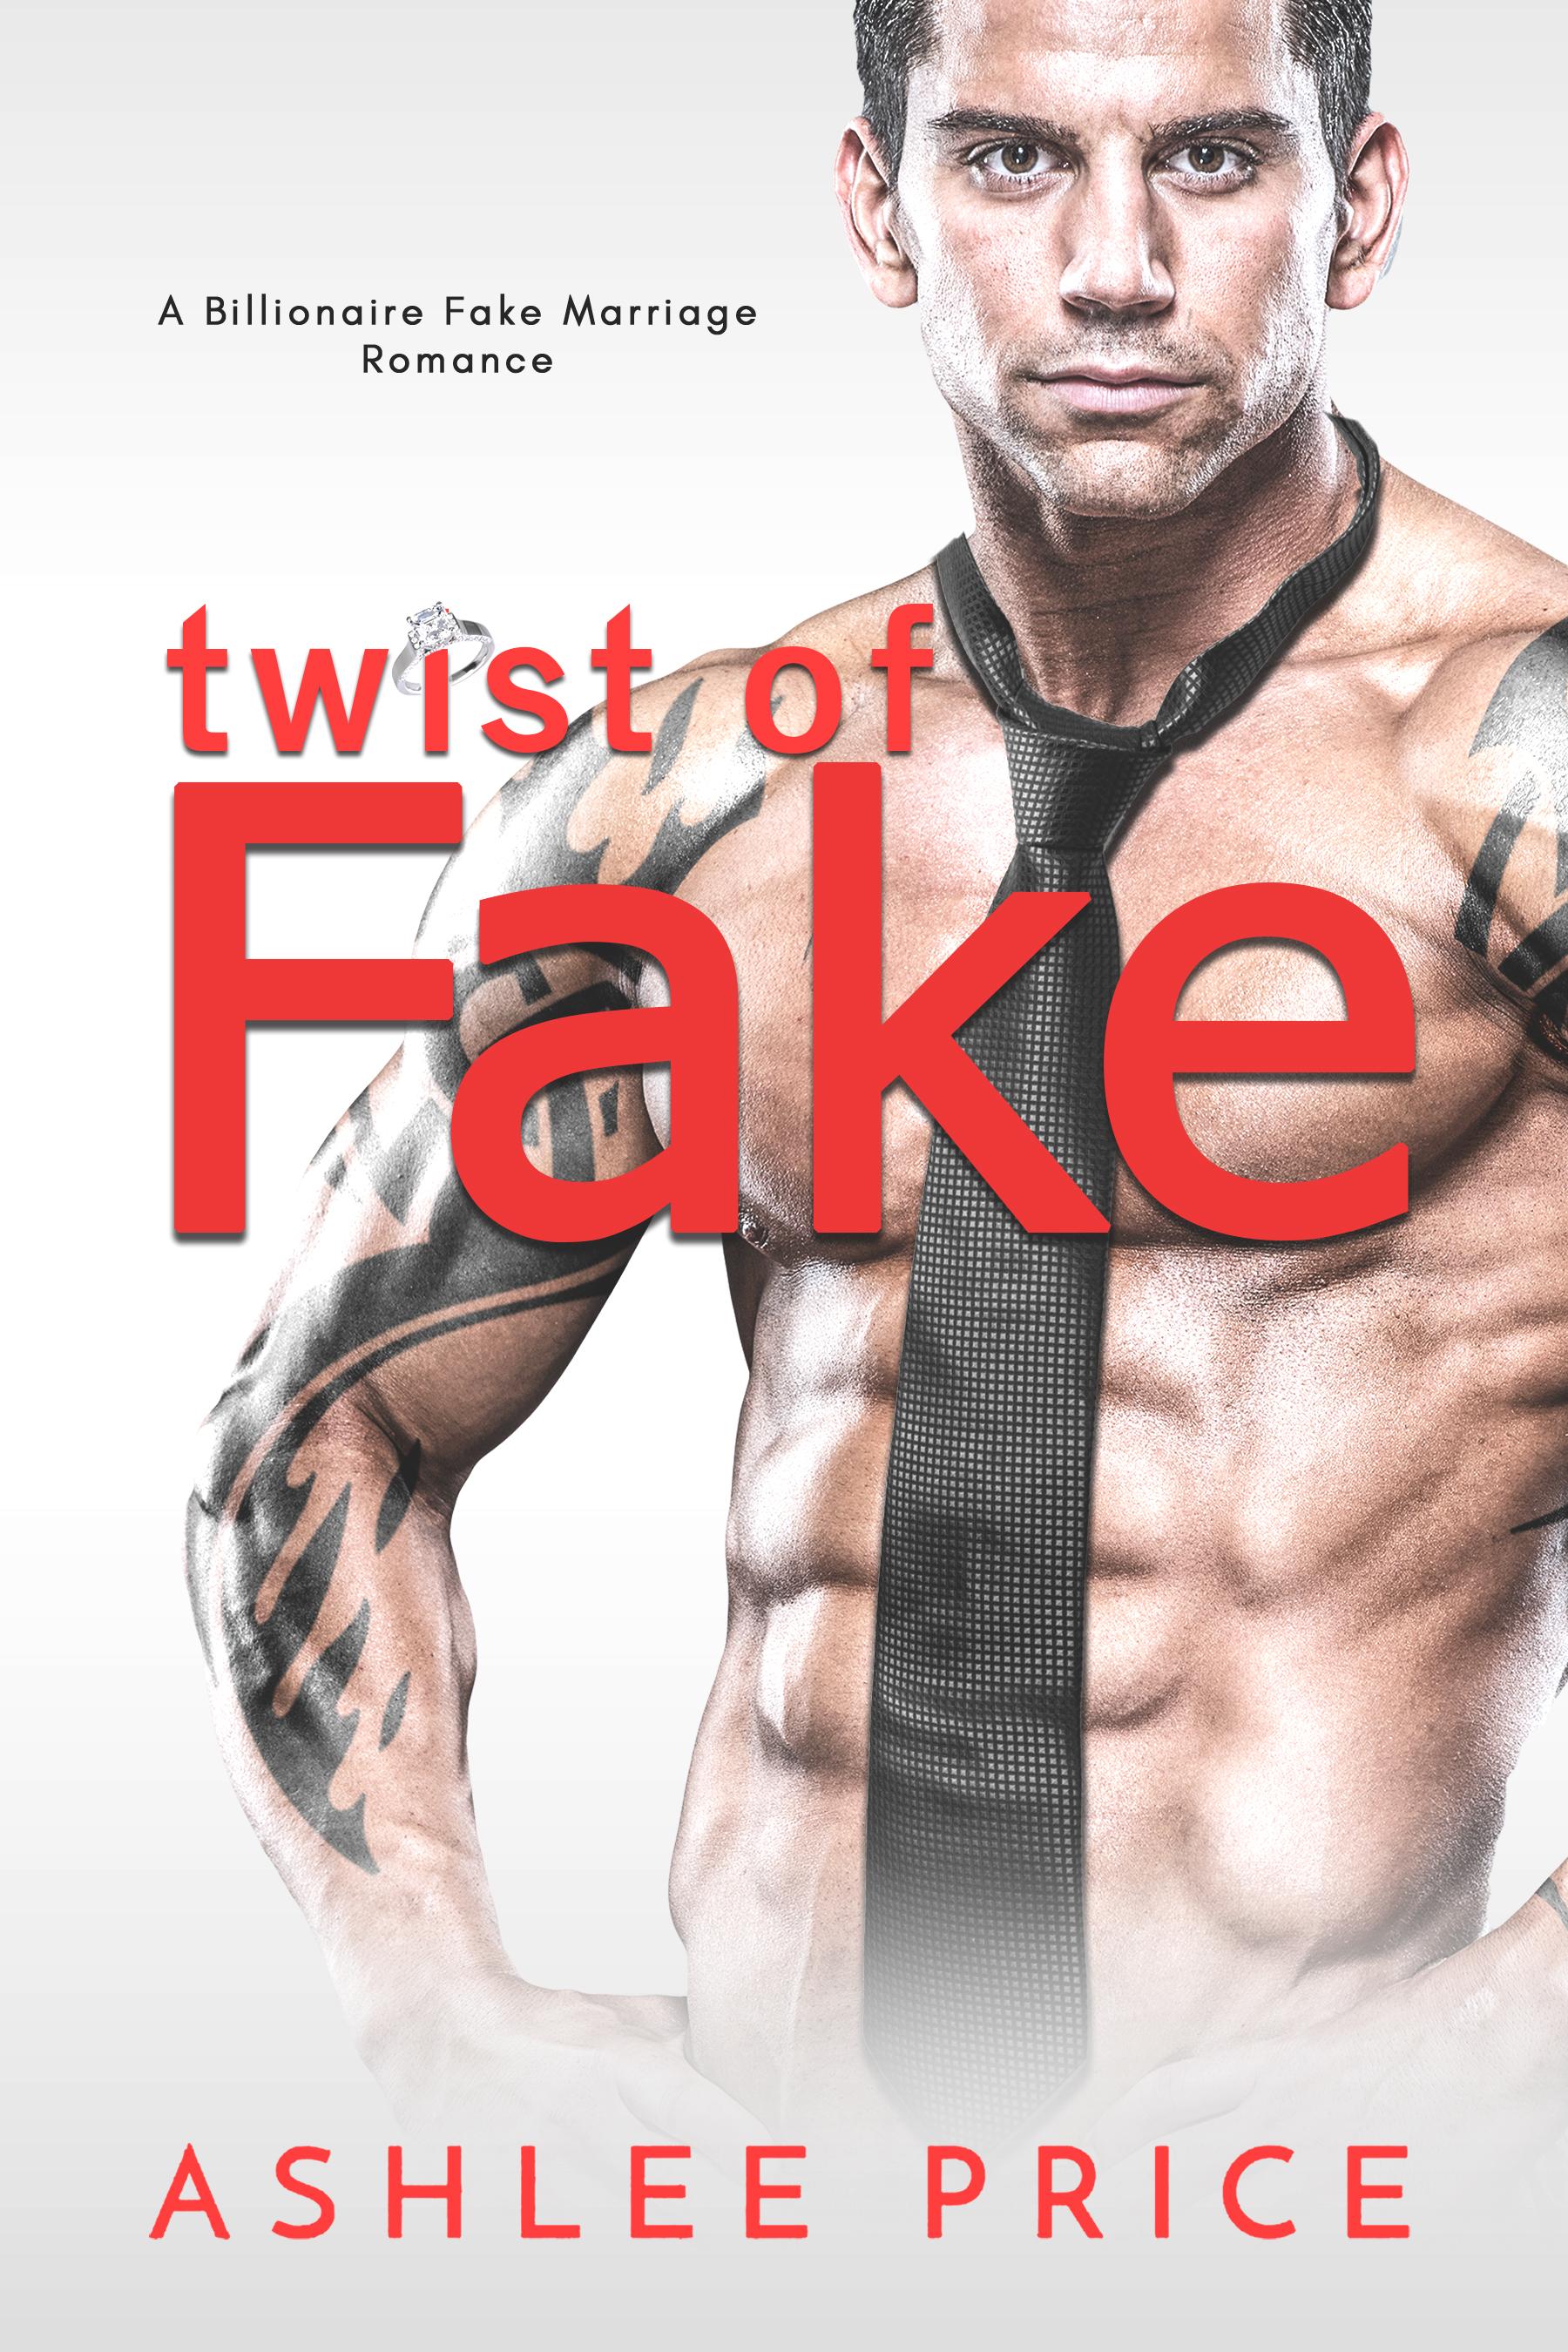 twist of fate_revised.jpg